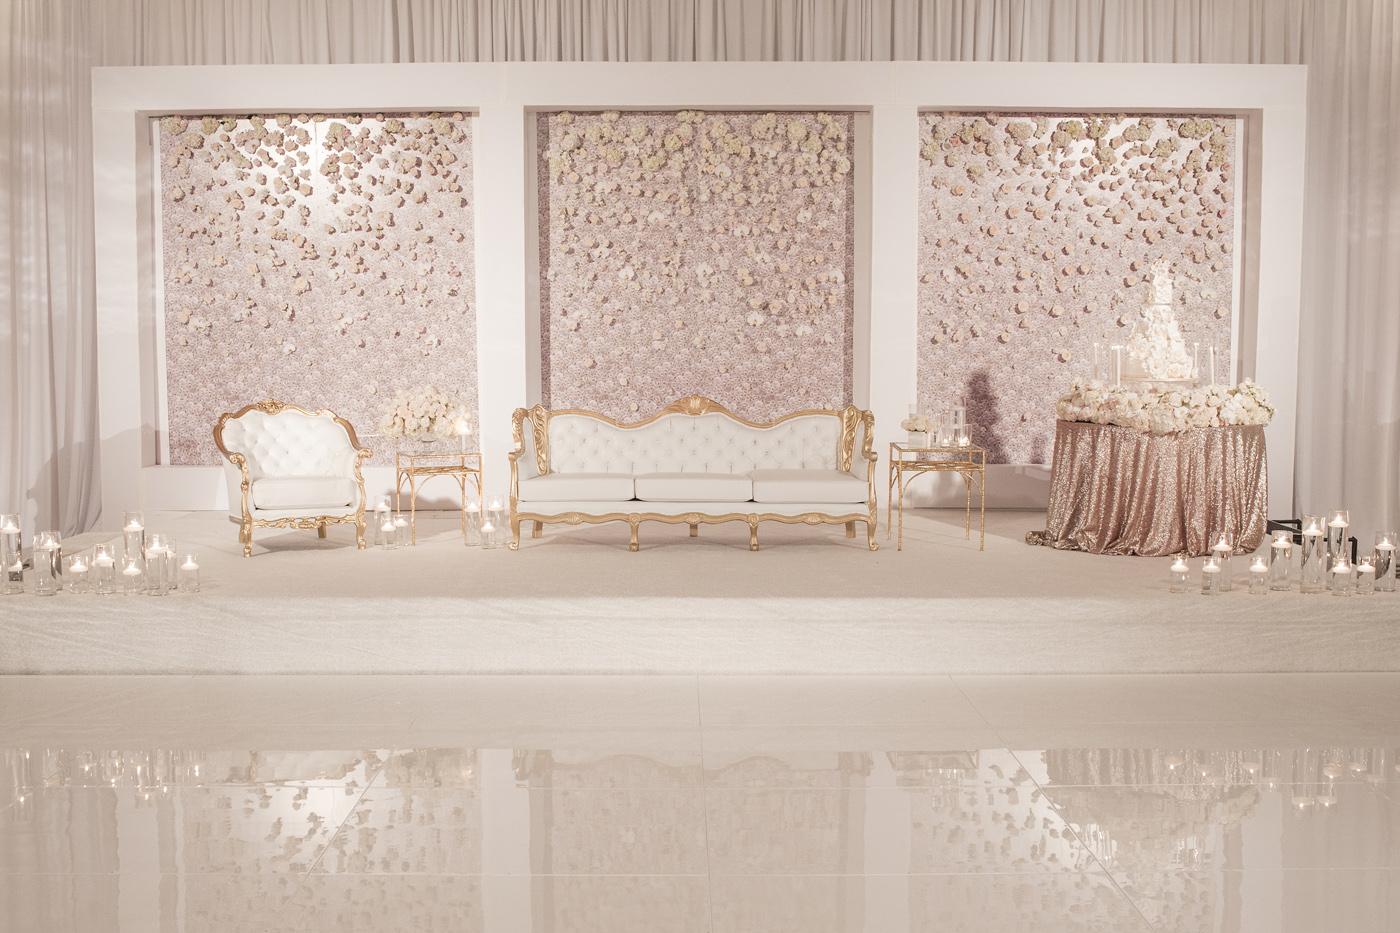 101_DukePhotography_DukeImages_Wedding_Details.jpg